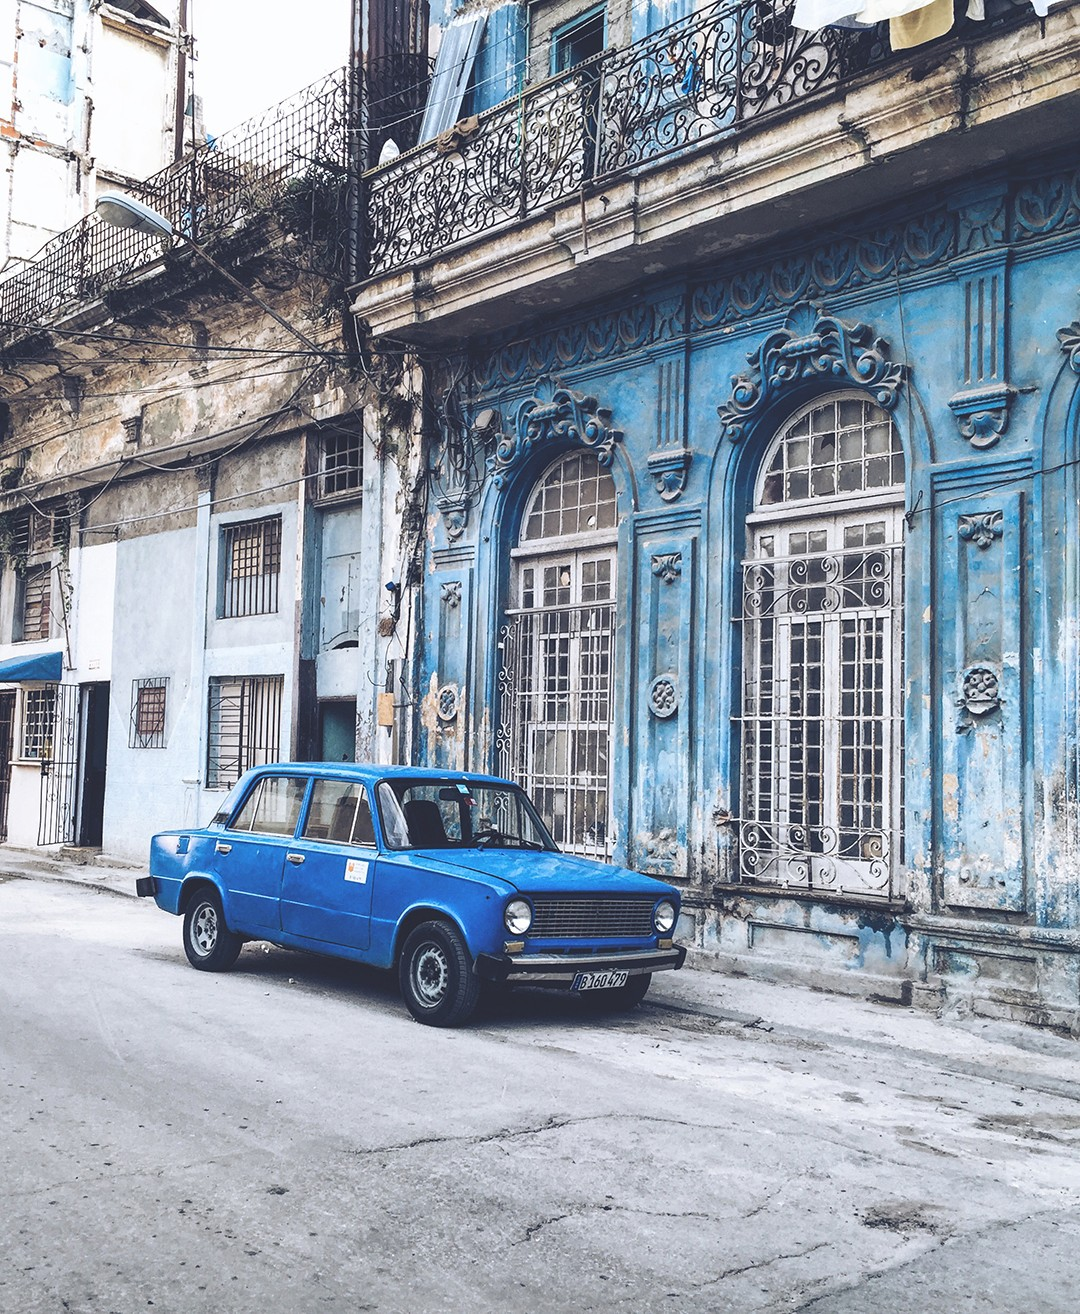 la-habana-vieja-travel-blogger